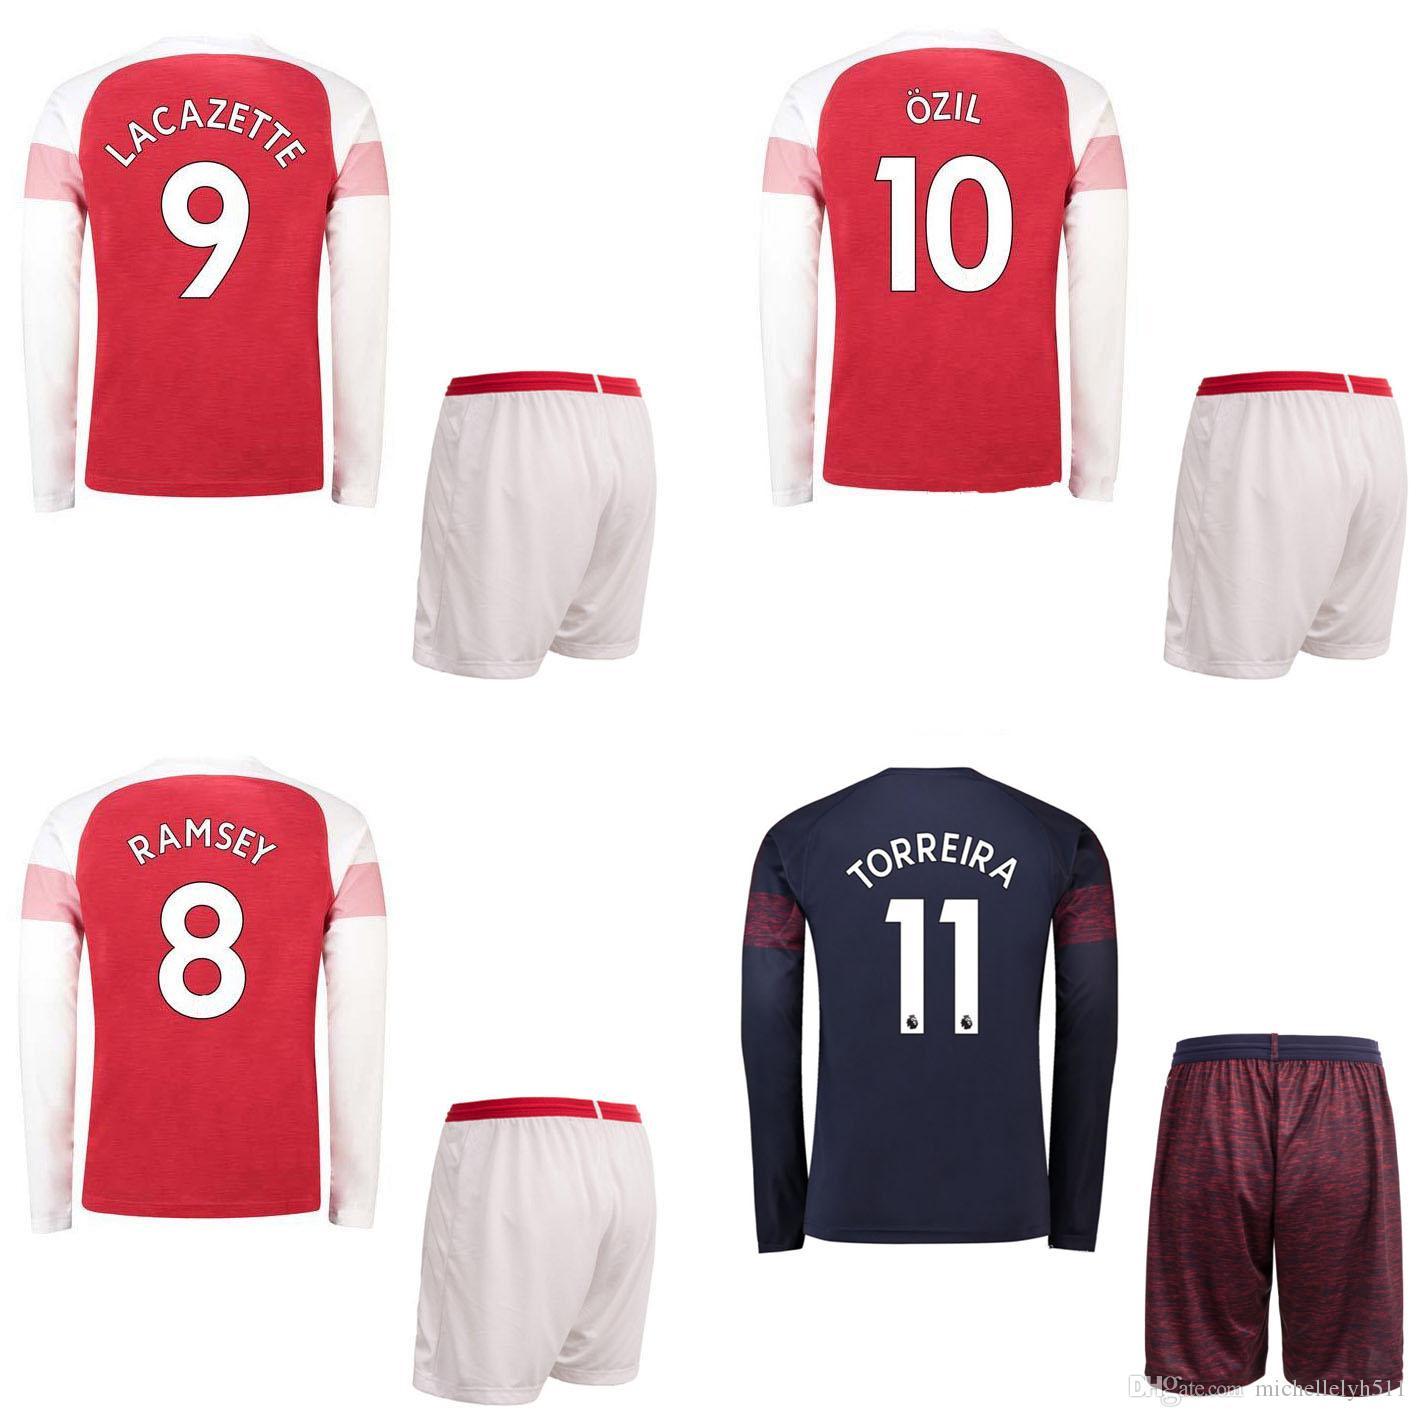 2d3997b34f4 18 19 ARS Henry Soccer Jersey Shorts OZIL AUBAMEYANG RAMSEY ...